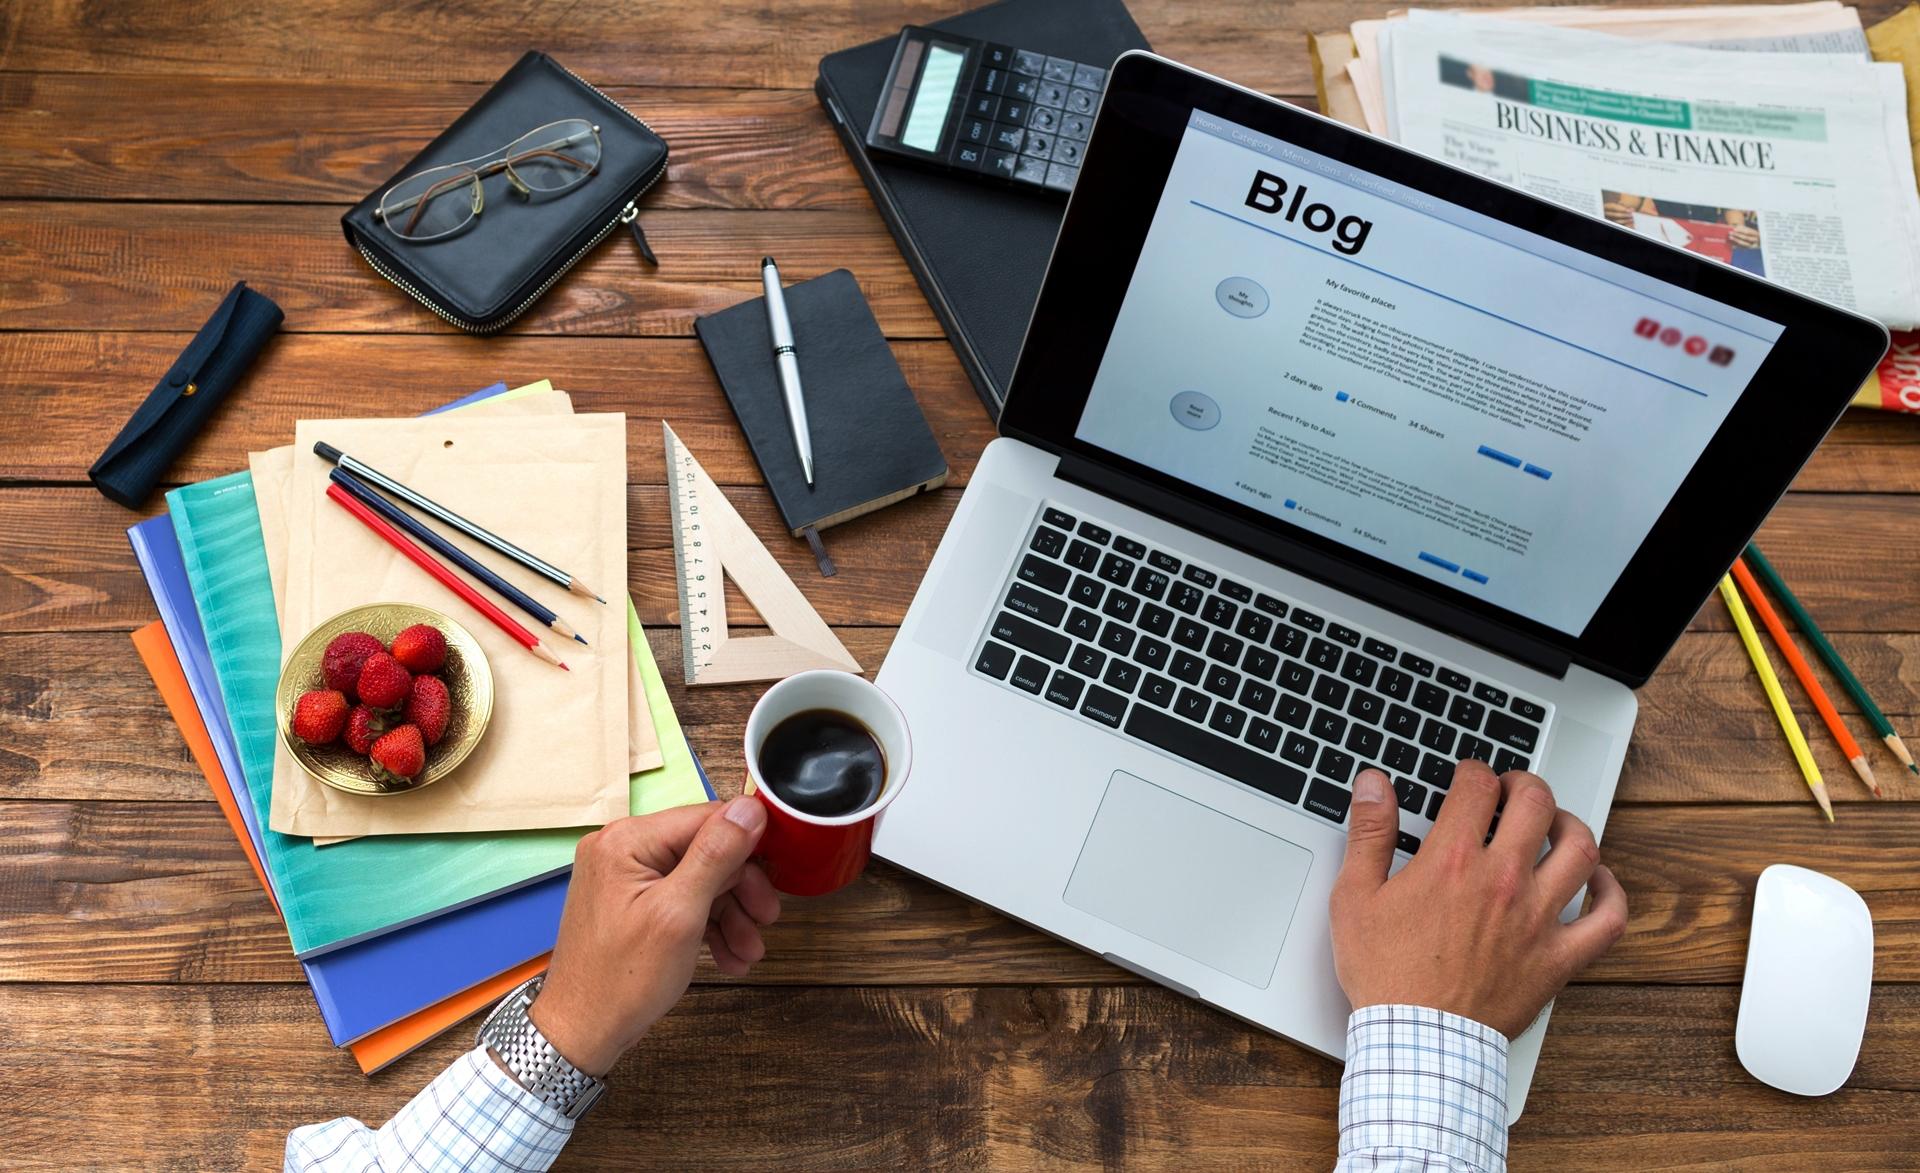 Кто такой блог?